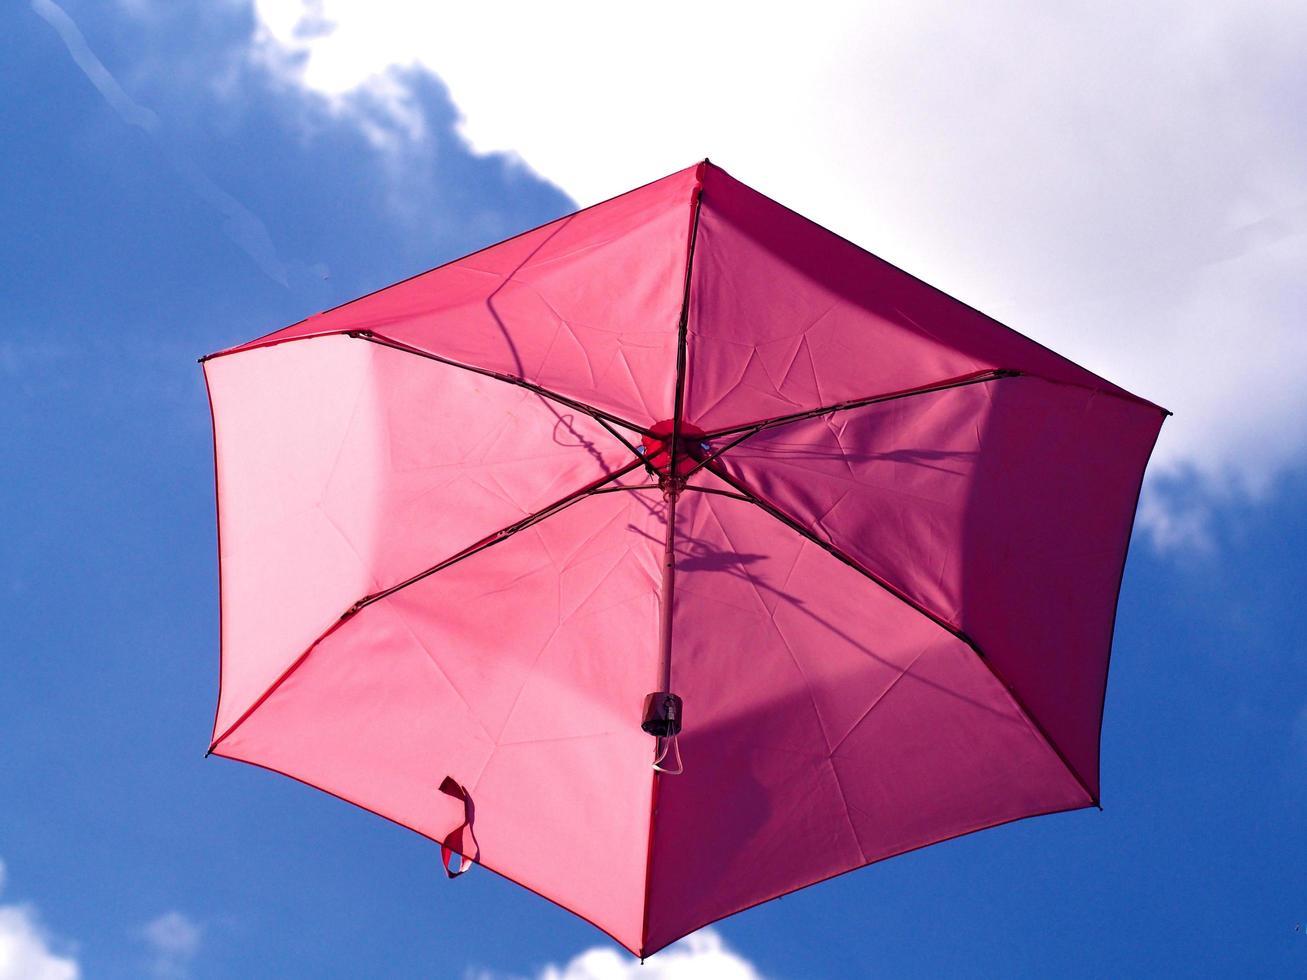 parapluie rose dans le ciel photo